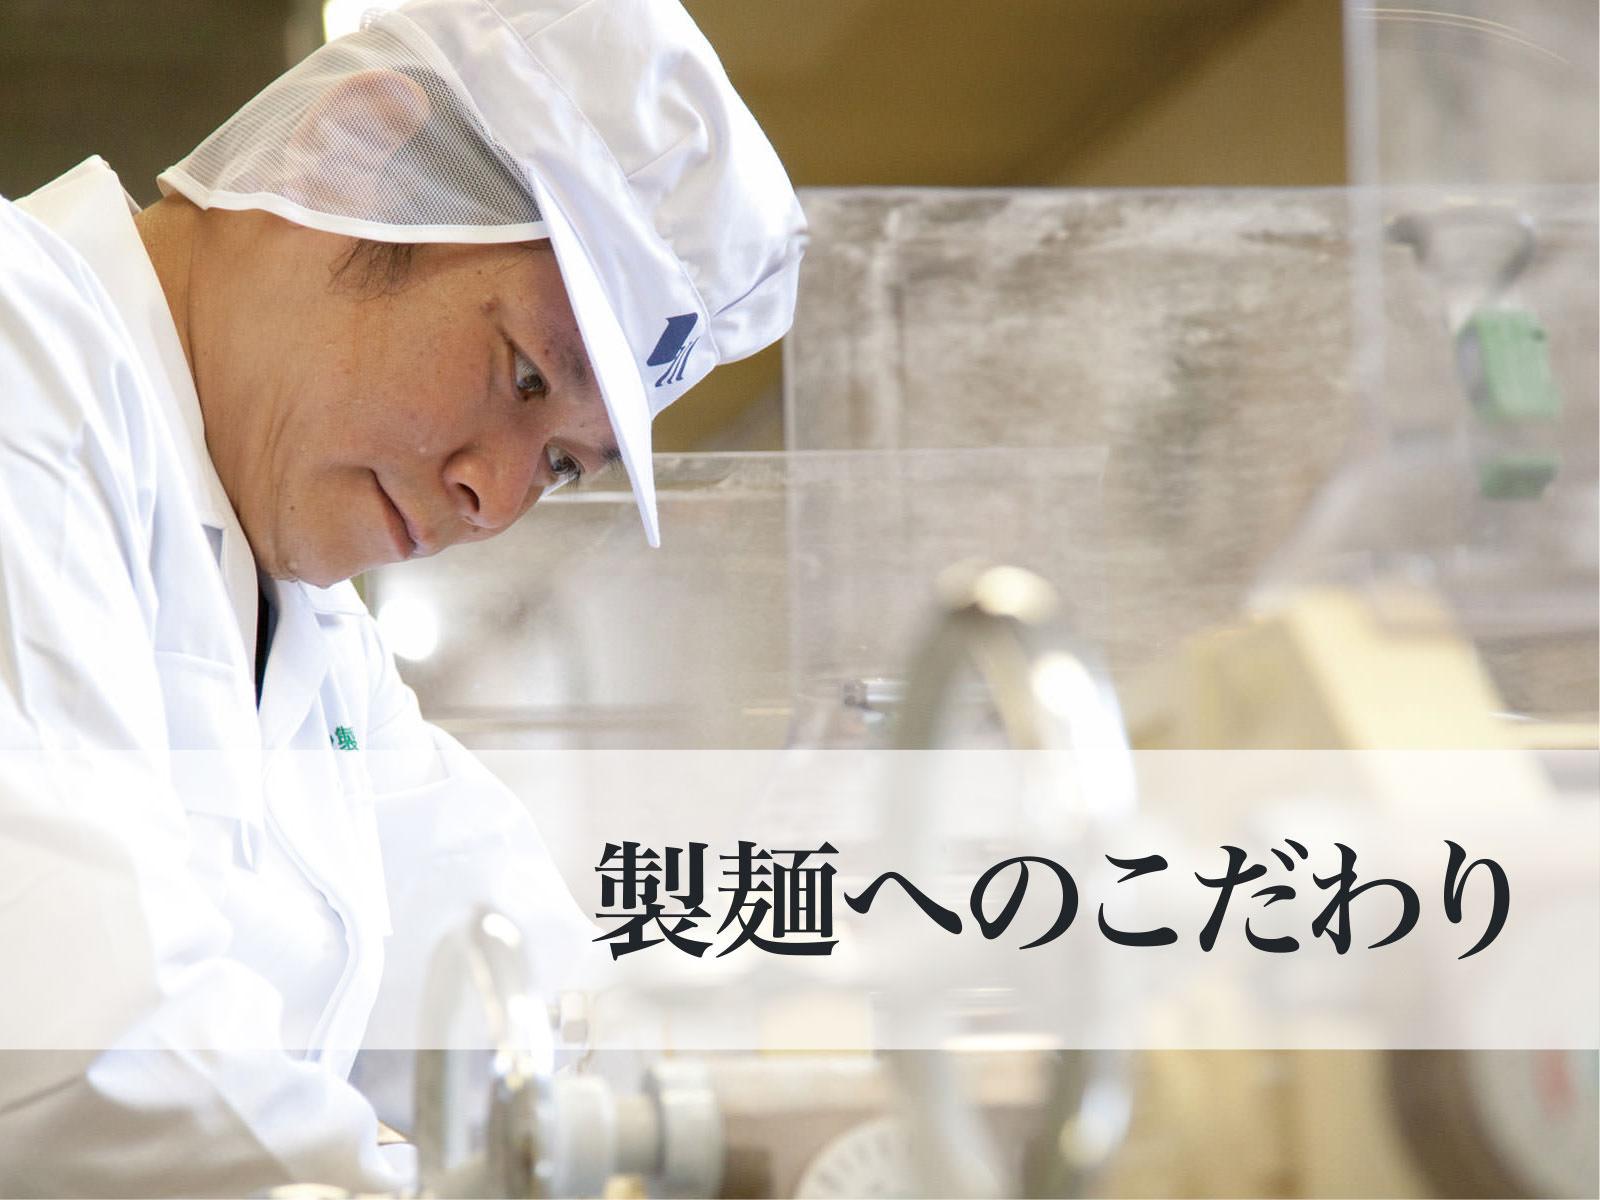 あなたのご期待にお応えするシクヤ製麺のこだわり